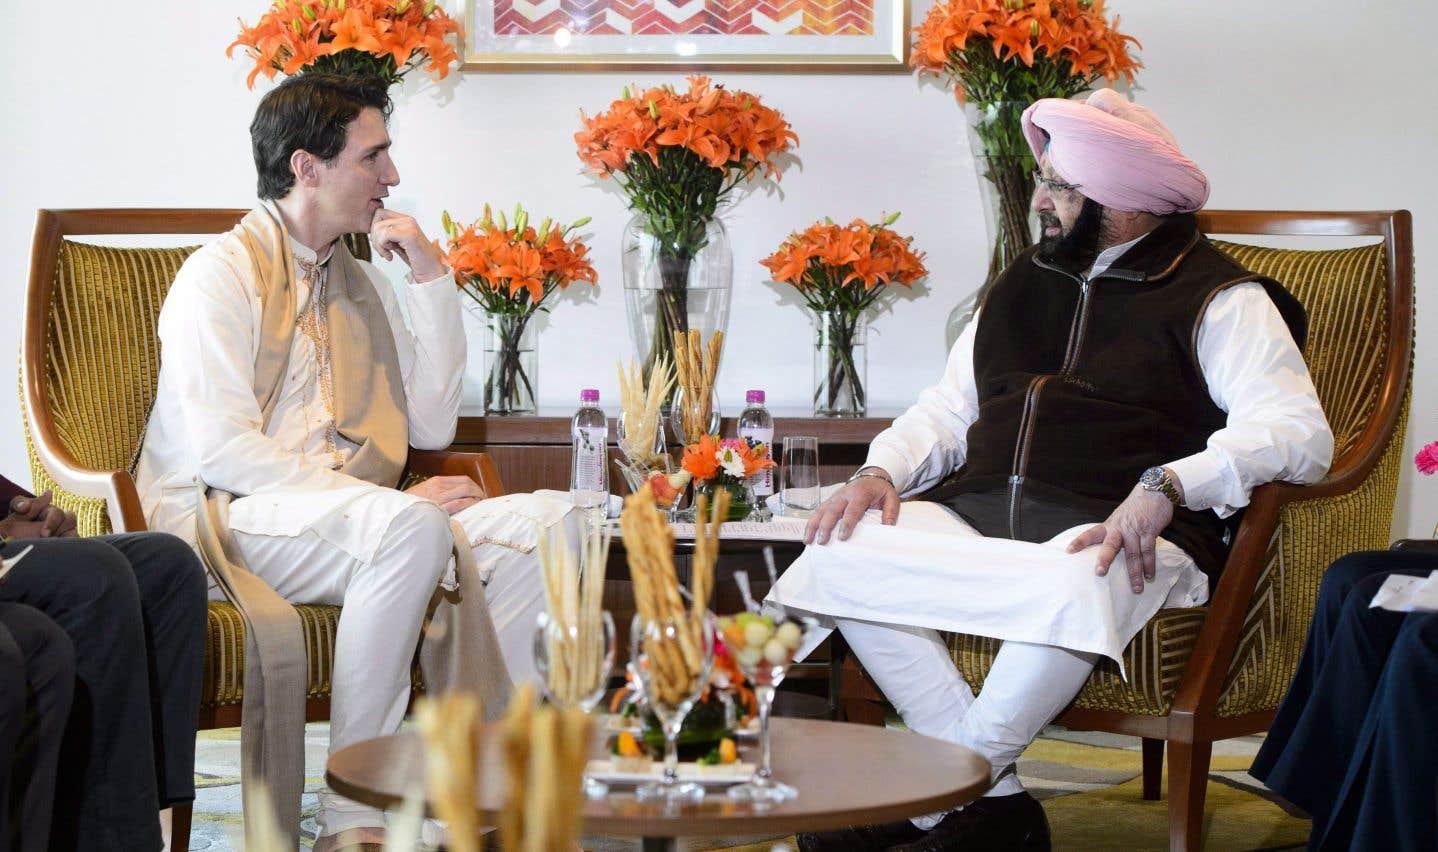 La porte-parole de Justin Trudeau a qualifié de «complètement fausse» cette affirmation émanant du bureau du ministre en chef du Pendjab, Amarinder Singh.